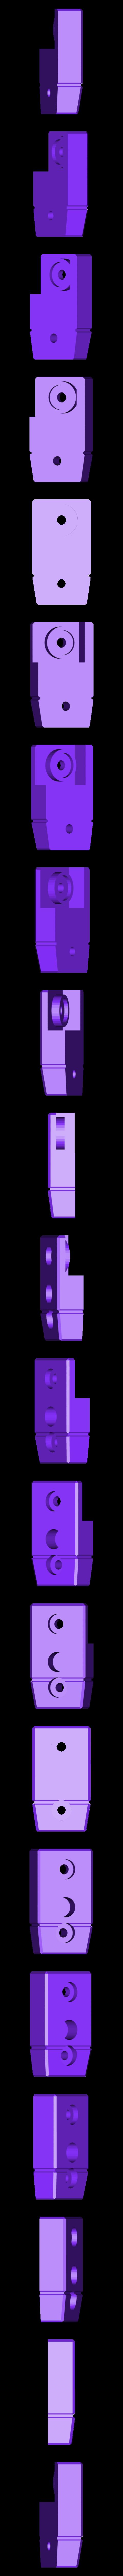 arm_v1__L_02.stl Download free STL file TRANSFORMERS G1 ROTORSTORM ARTICULATION UPGRADE KIT • 3D printable design, sickofyou